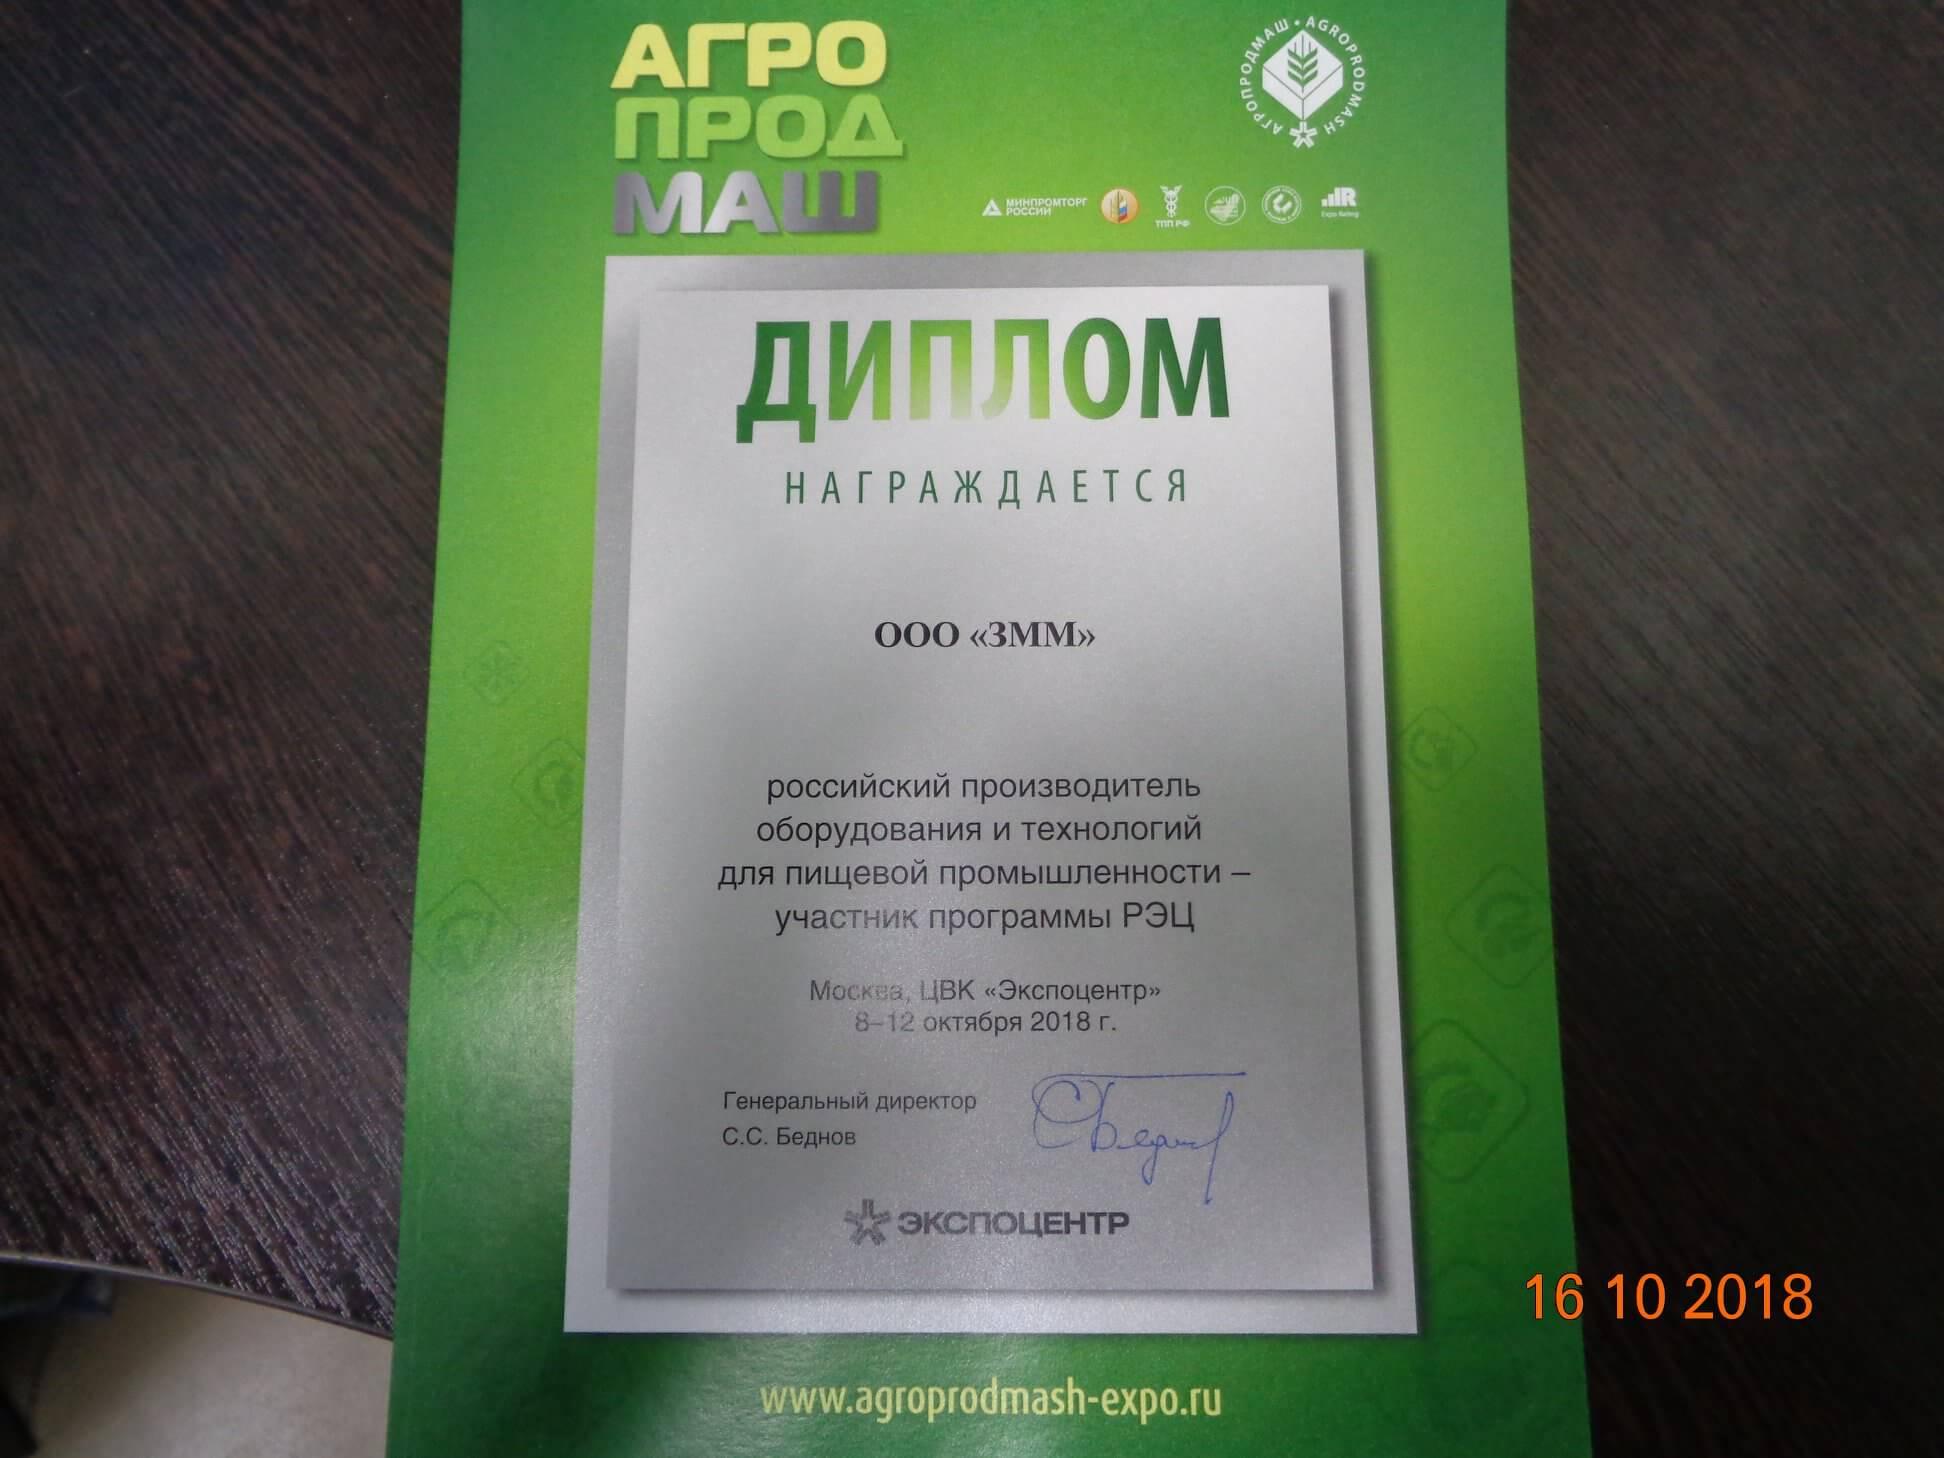 Завод молочных машин на Агропродмаш-2018!